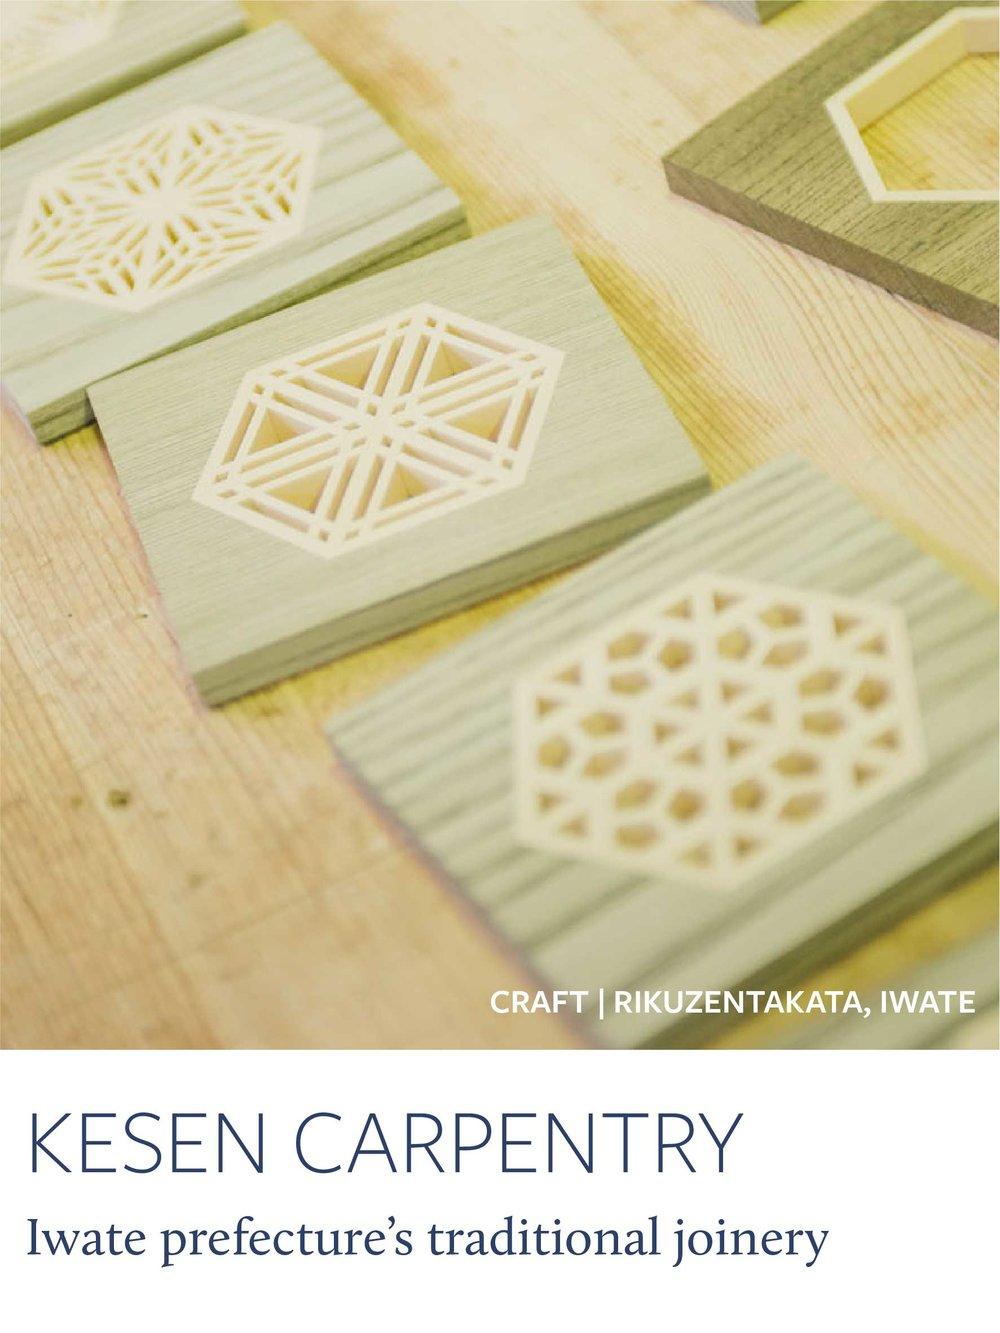 profile_iwate_japanese_carpentry_kesen_design_rikuzentakata.jpg